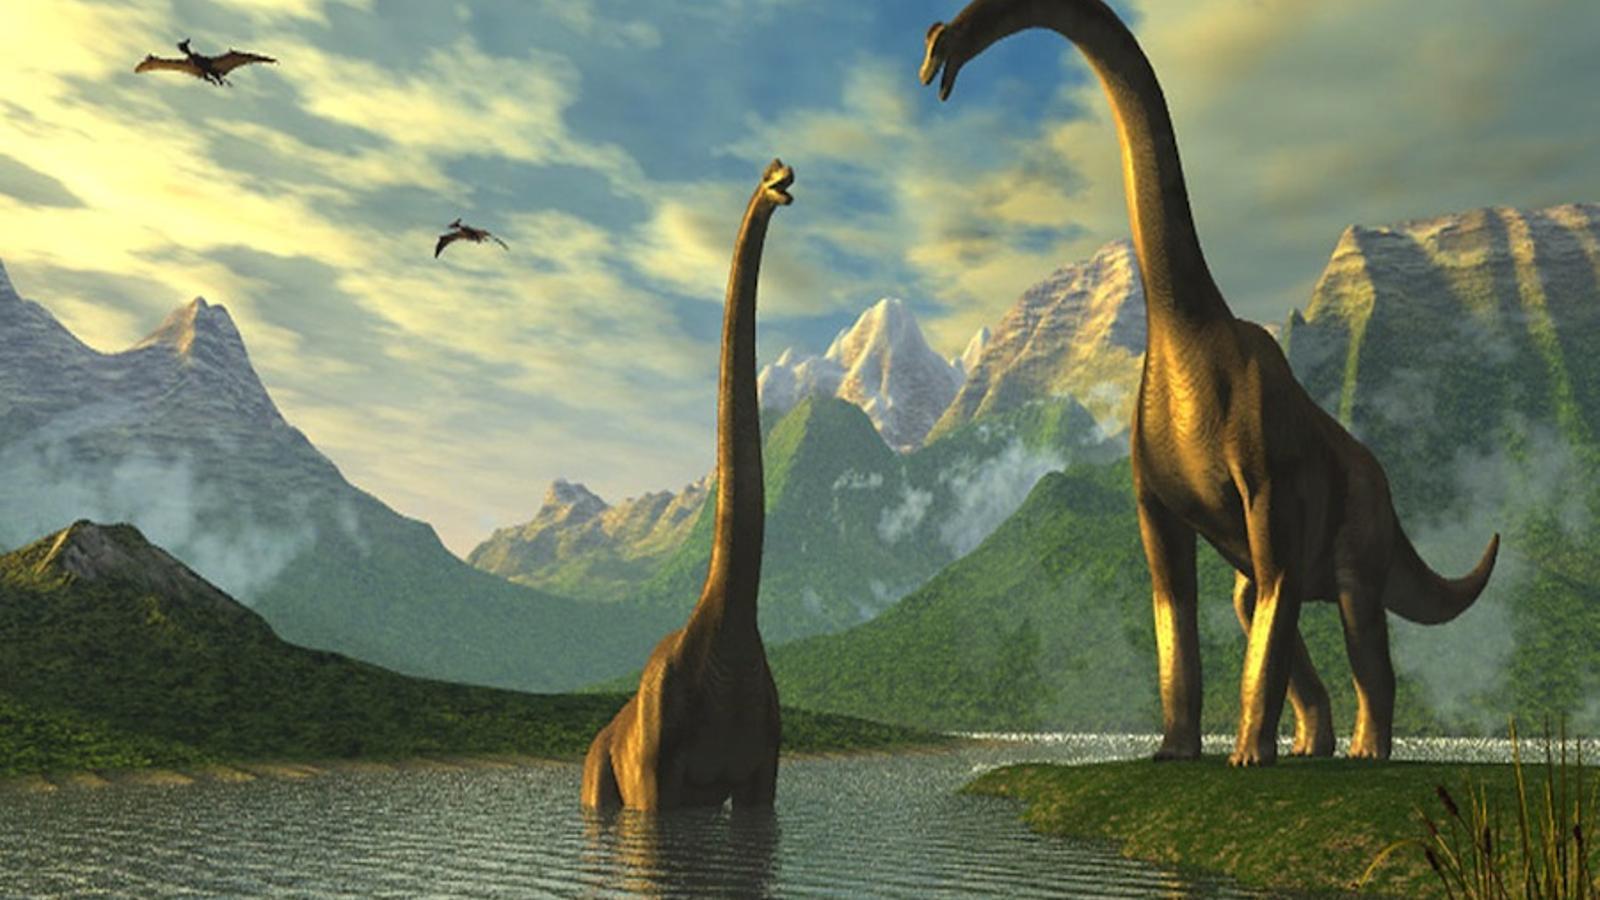 L'estudi conclou que els dinosaures van ser víctimes d'una mala sort colossal